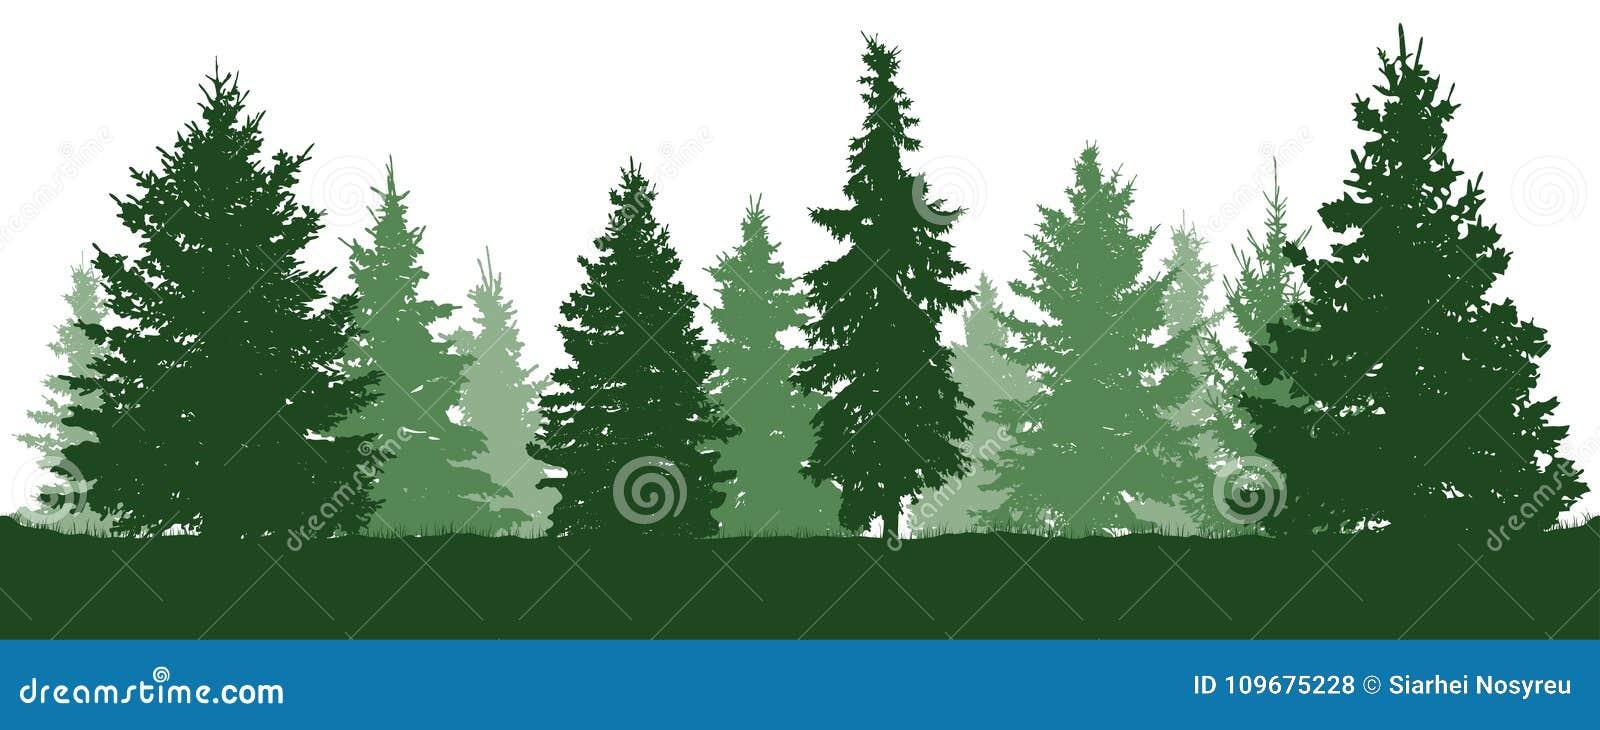 Bossparrensilhouet Naald groene sparren Vector op witte achtergrond